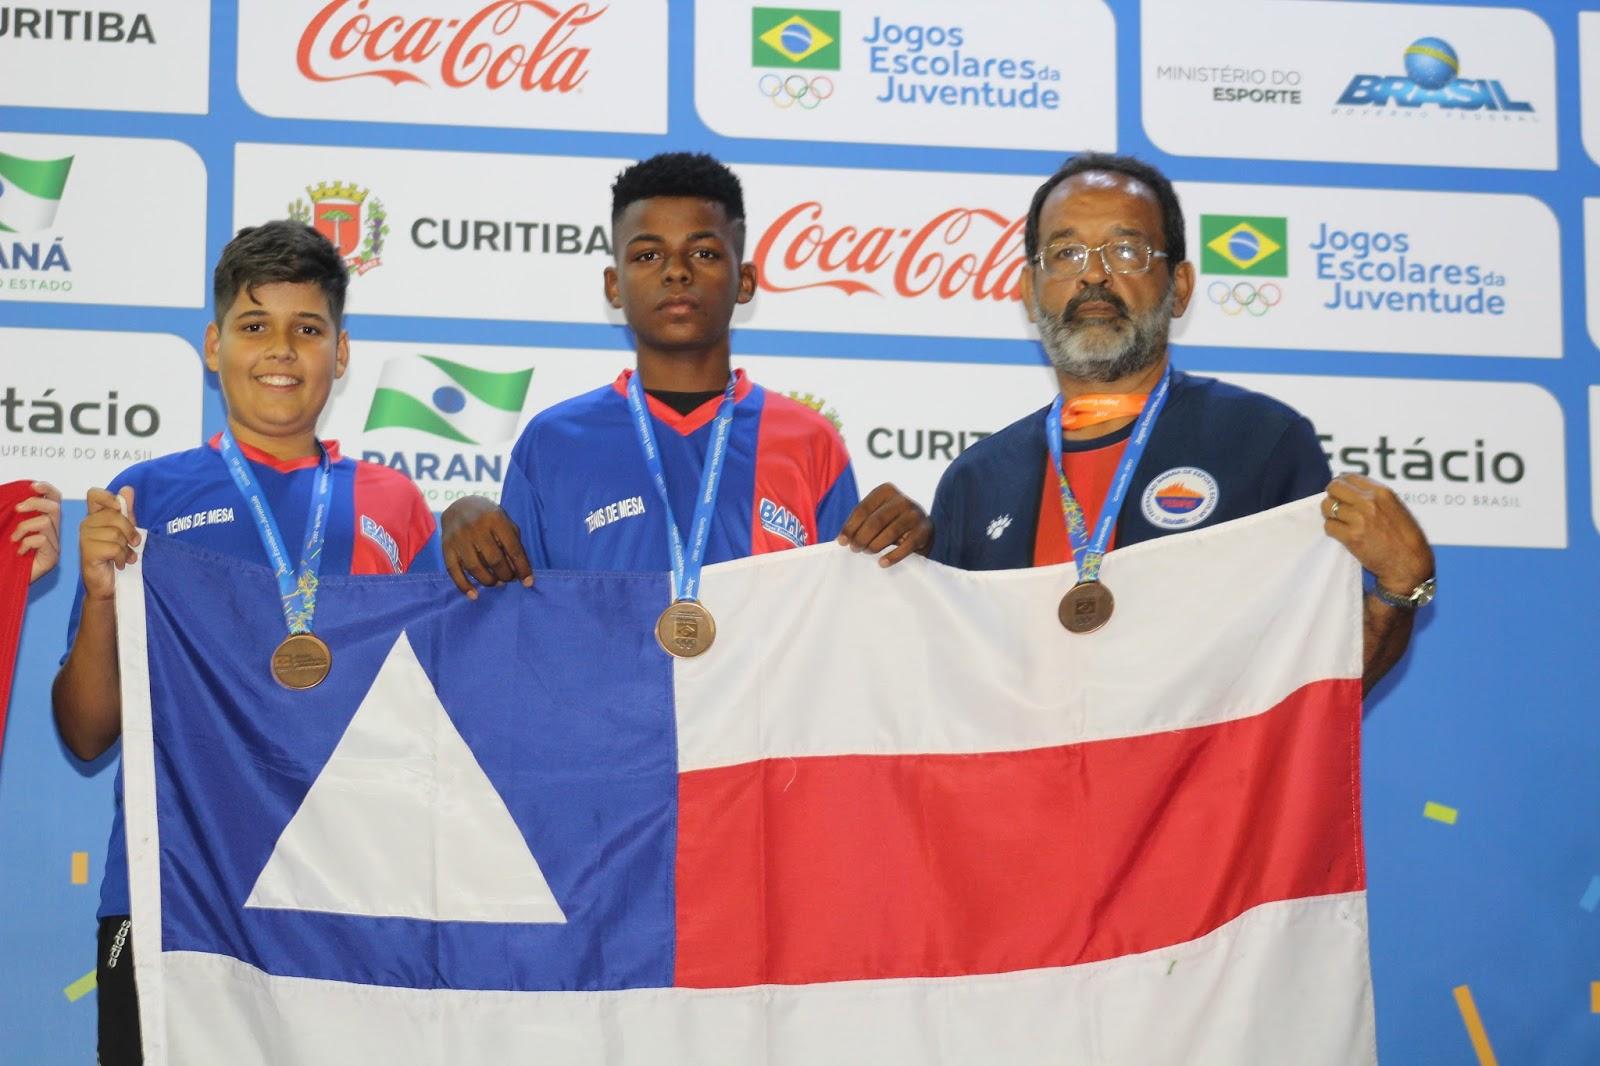 Jogos Escolares da Juventude 20178  Tênis de mesa dá primeira ... b745d4ae23a50